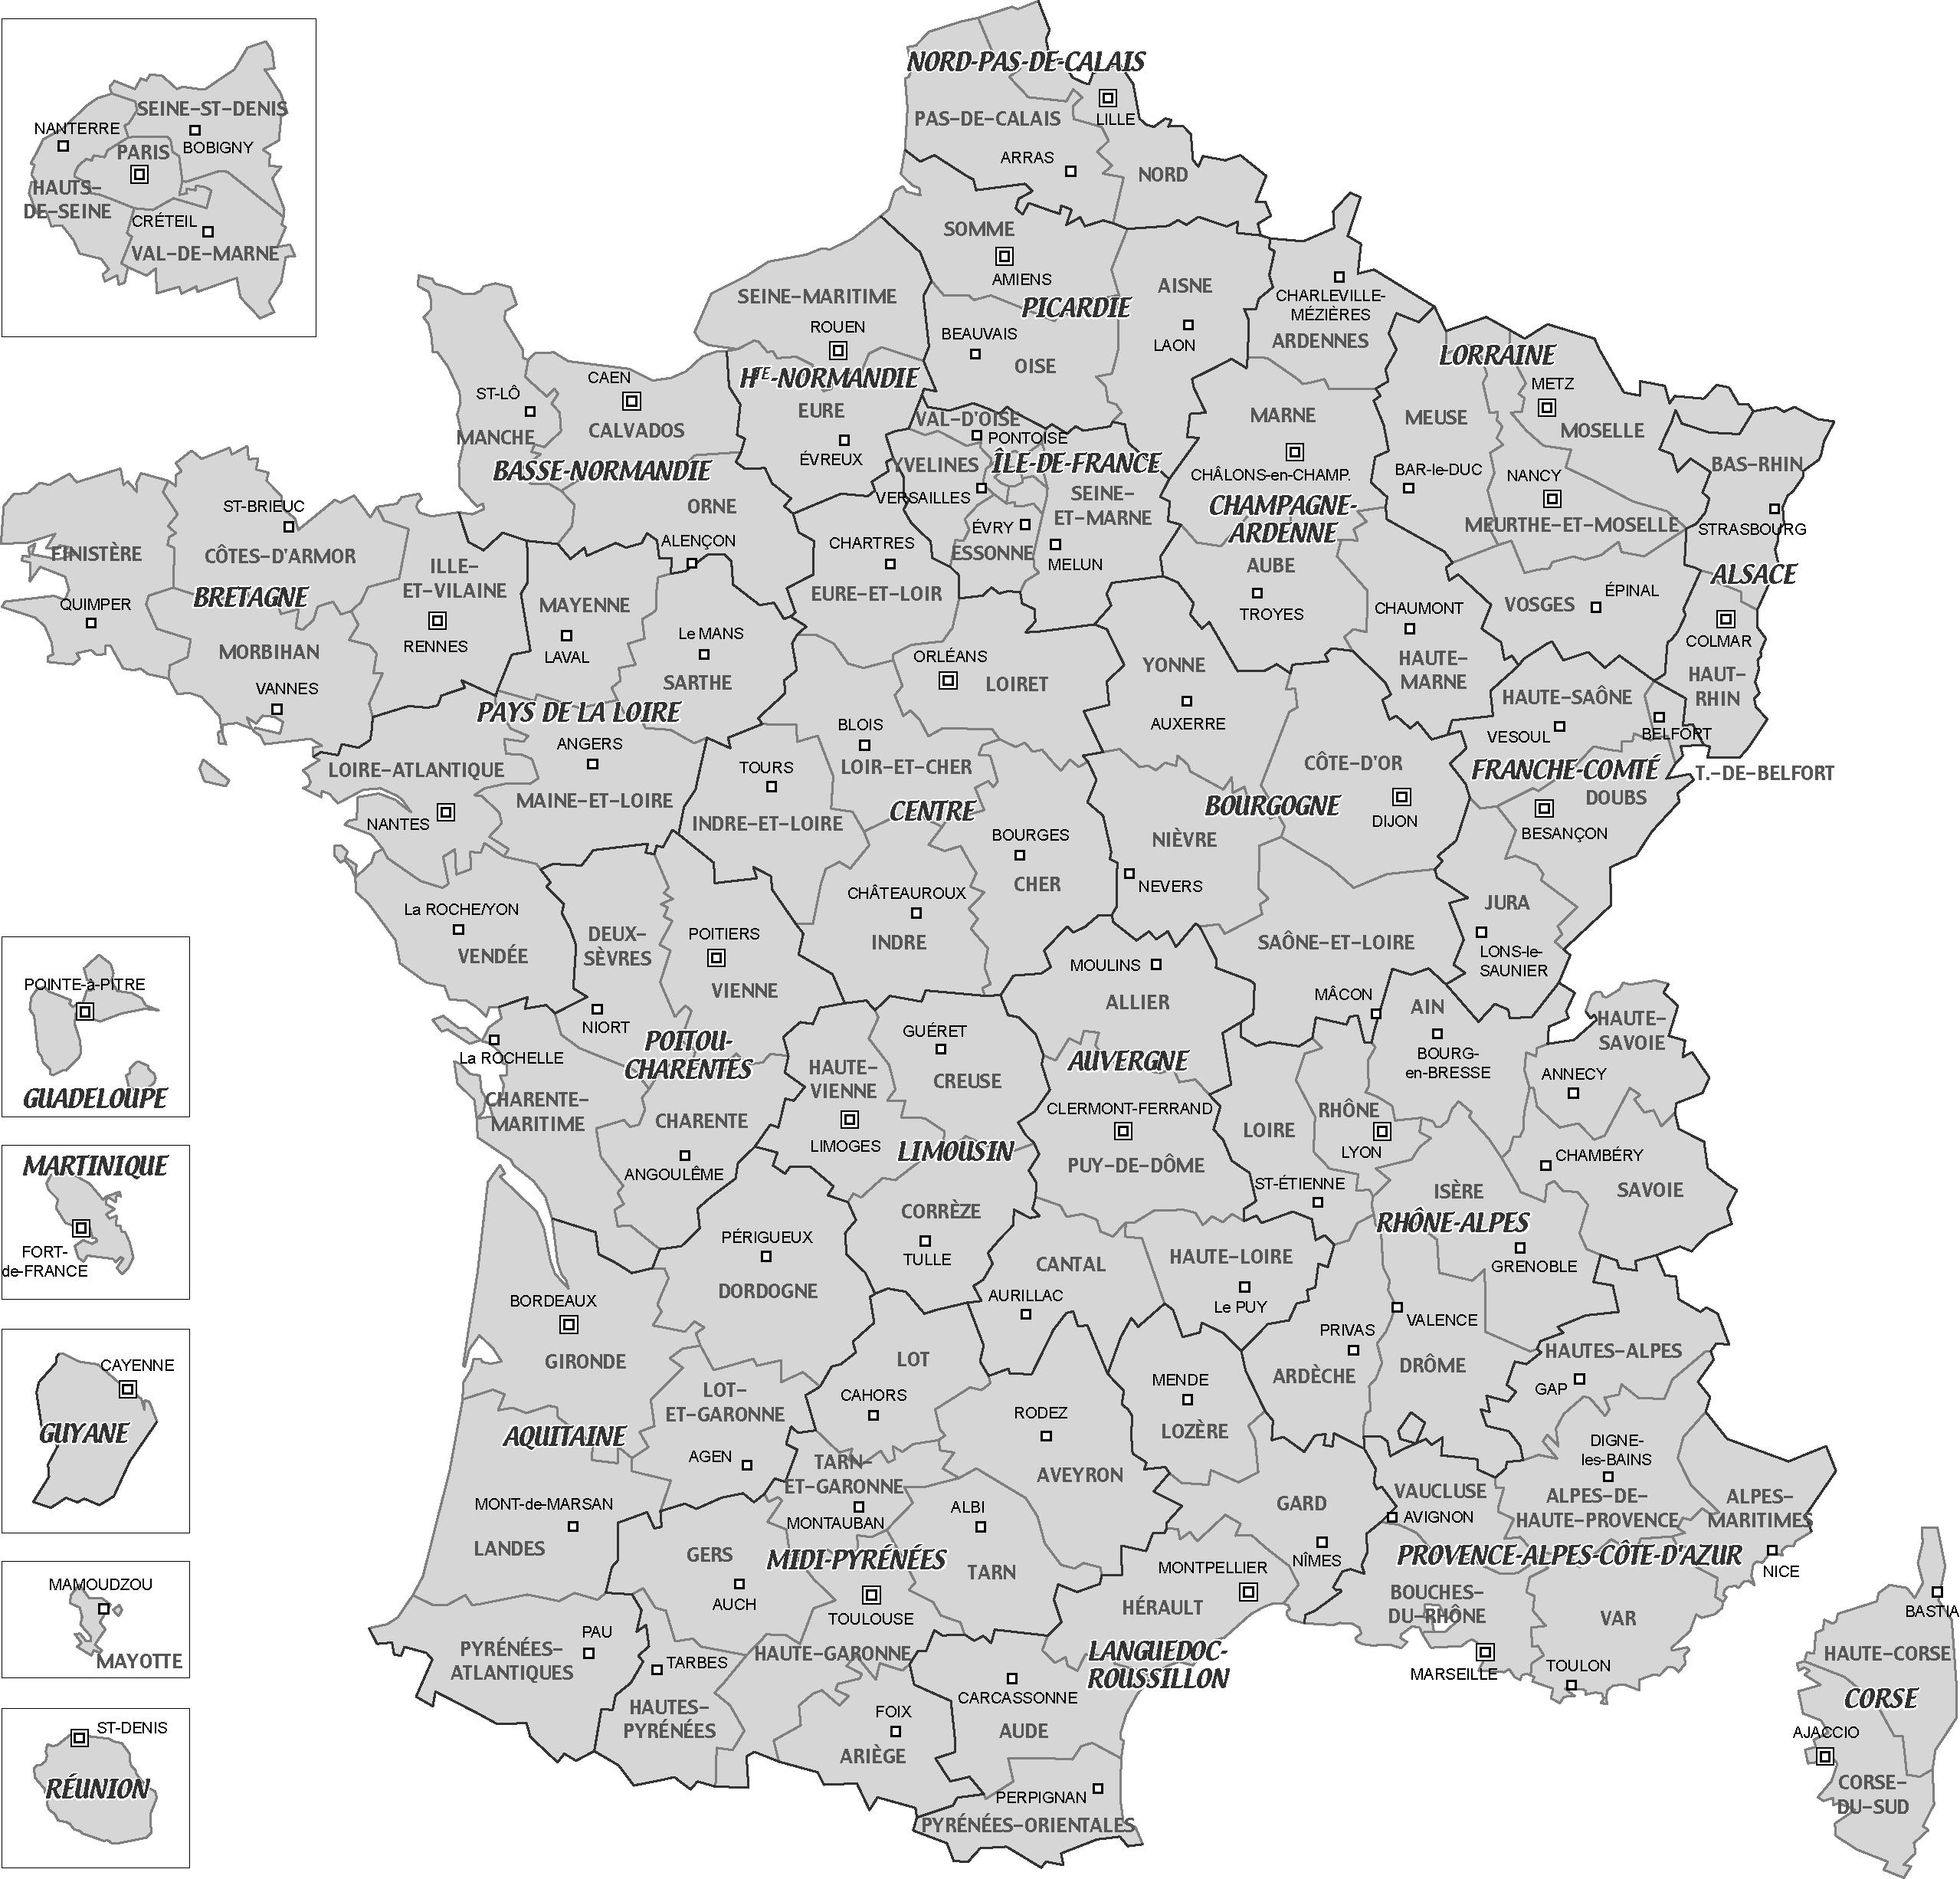 Cartes De France, Cartes Et Rmations Des Régions à Carte Des Départements D Ile De France